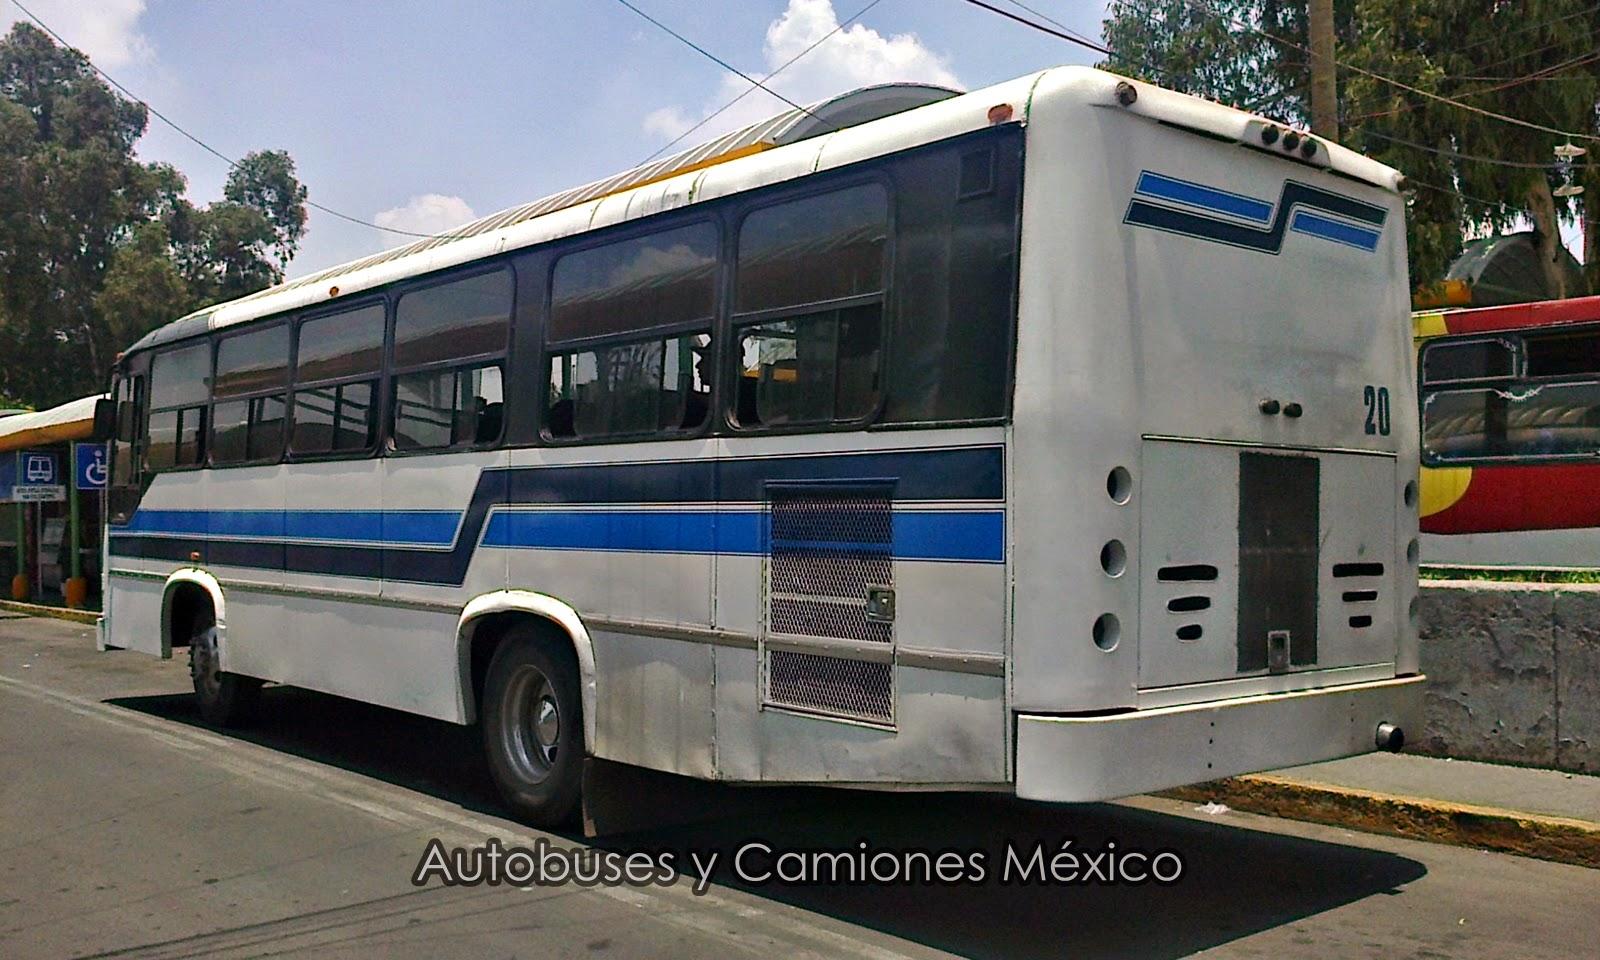 Autobuses y Camiones México : Camiones Estado de México 77. Parte 2